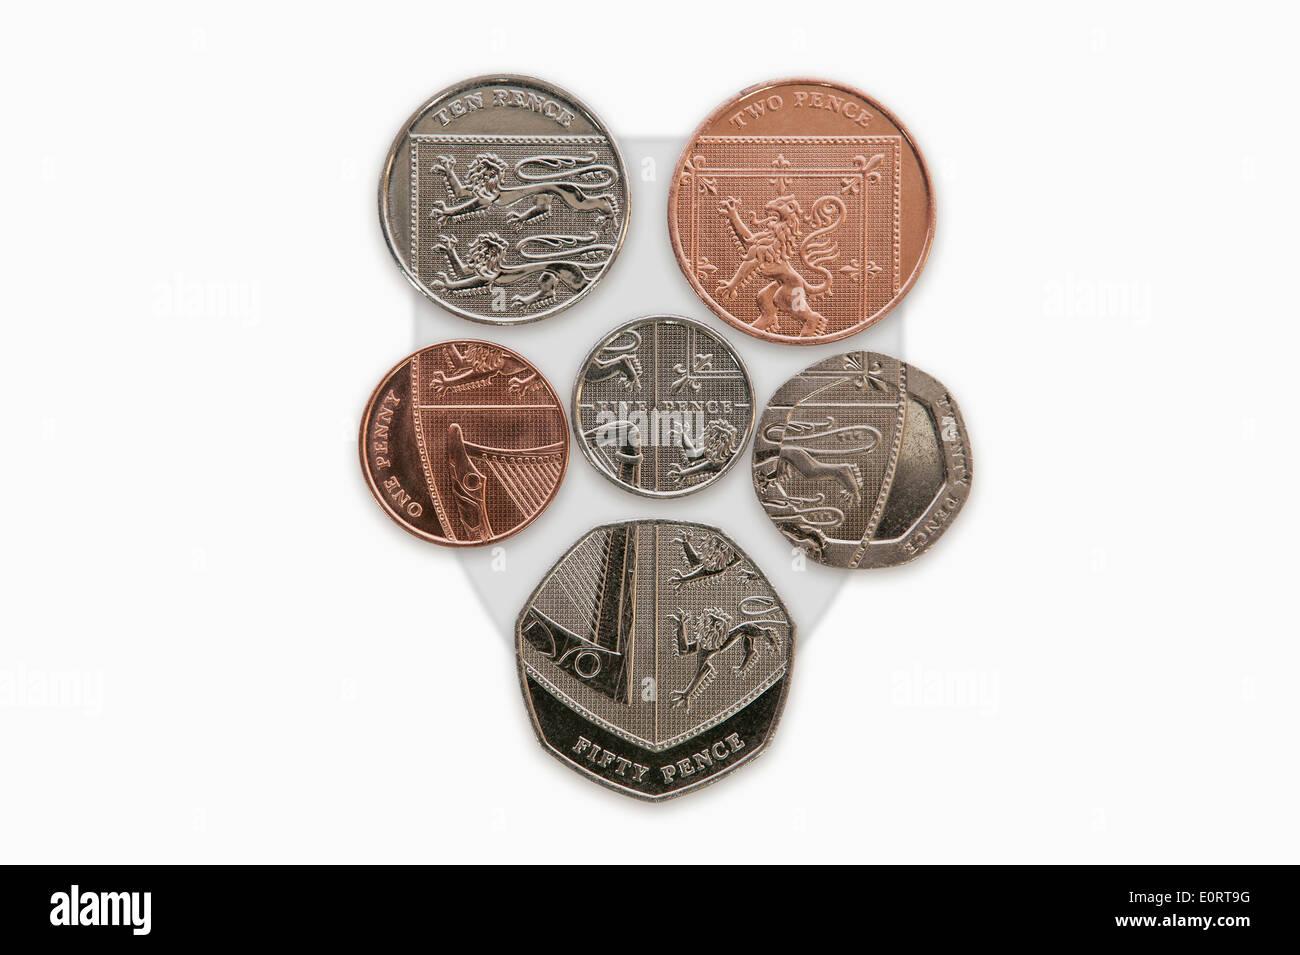 Auf der Rückseite des britischen Pfund Sterling Münzen bilden die Königin Wappen Schild Stockfoto